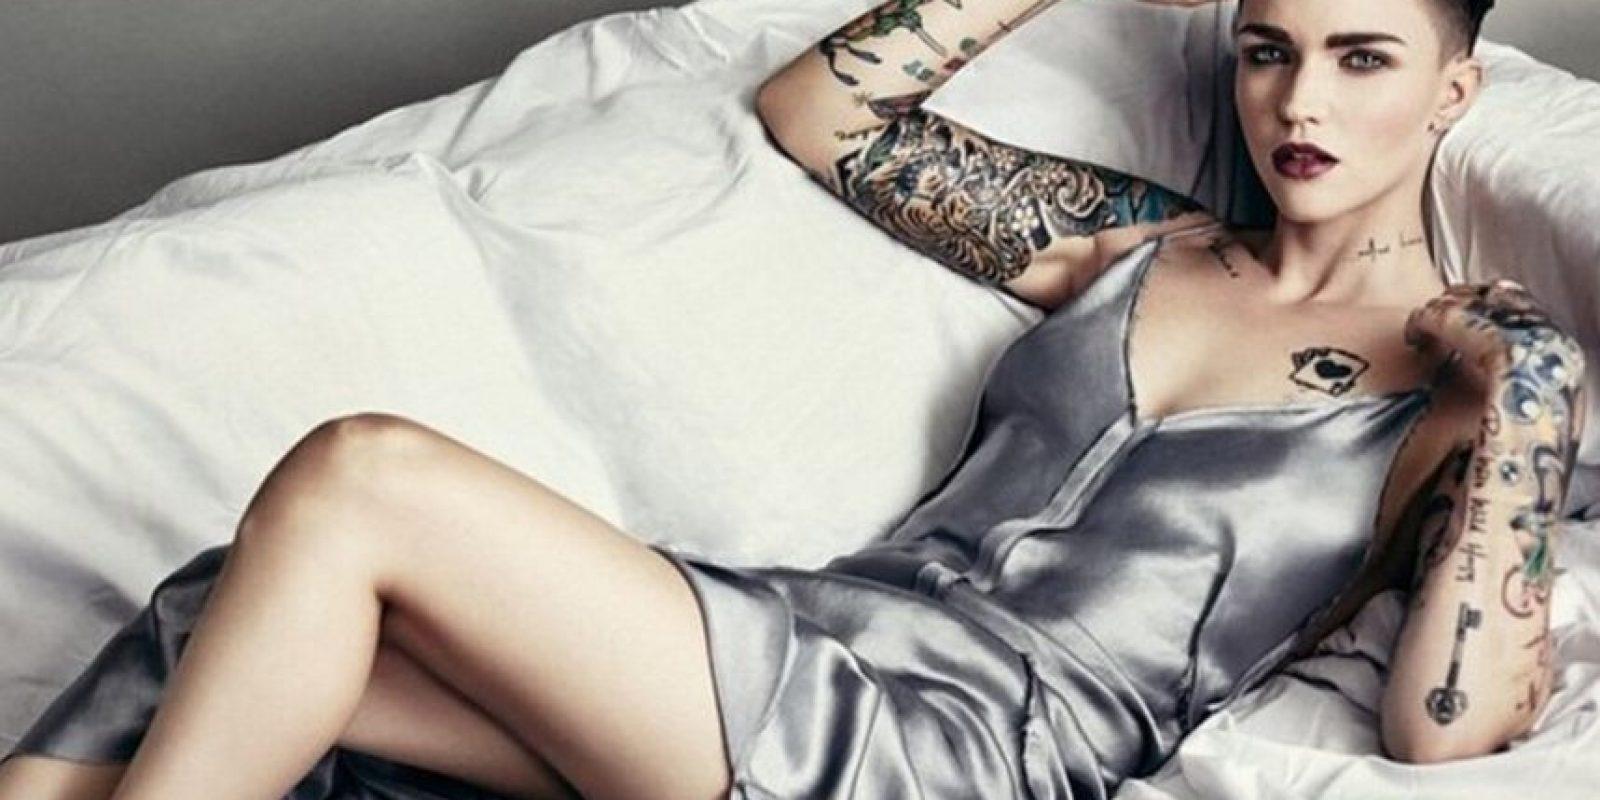 Saltó a la fama en Australia a través de un programa de MTV, y empezó el modelaje con marcas como Maybeline de la que ha sido imagen en ese país. Foto:Vía instagram.com/rubyrose/